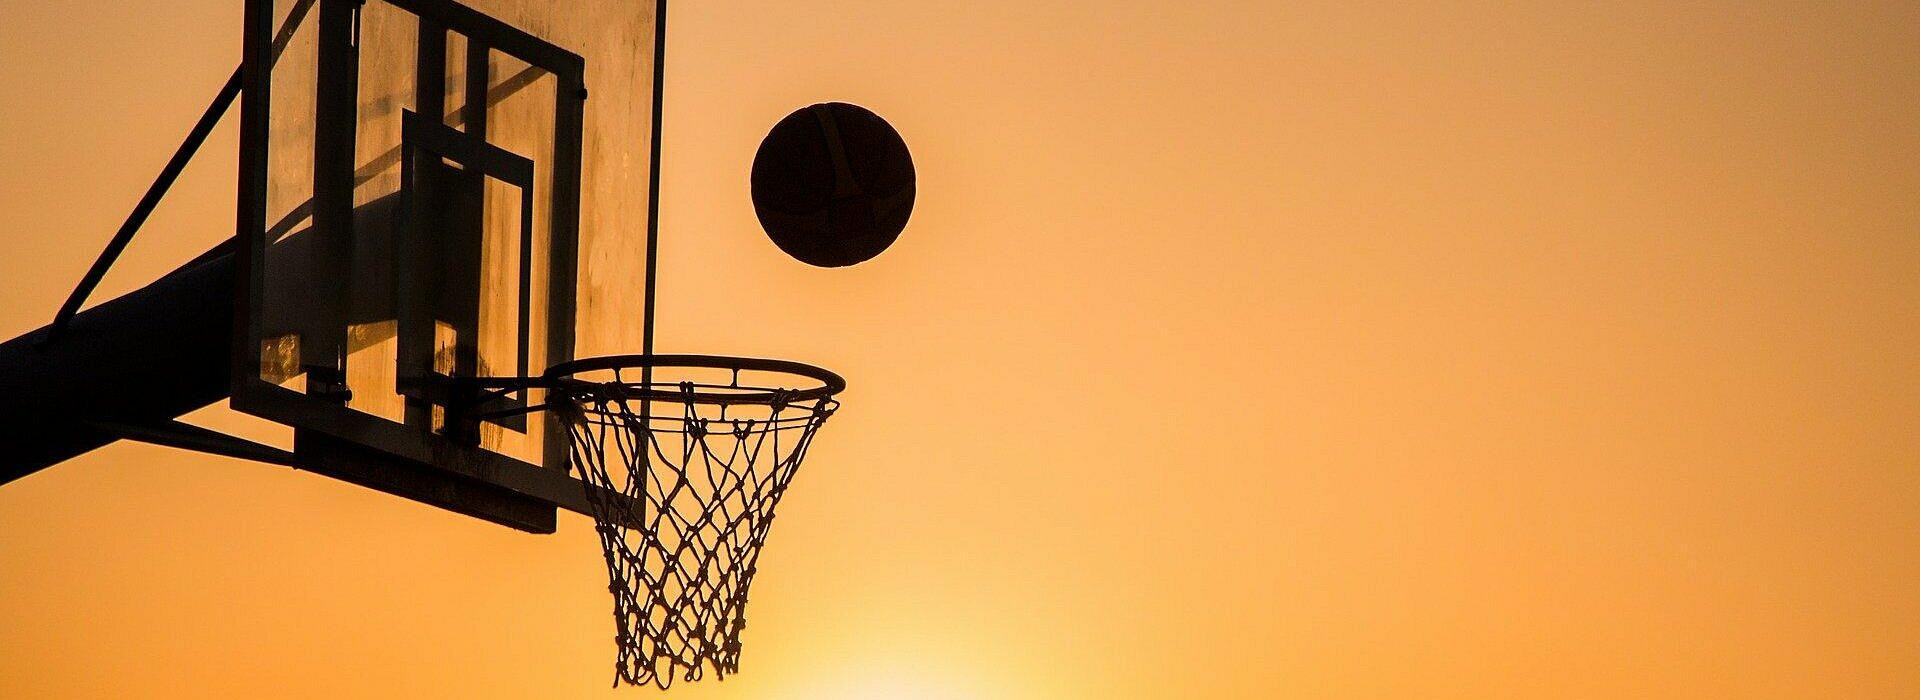 Imagem mostra uma cesta de basquete com um homem jogando a bola em direção a ela.